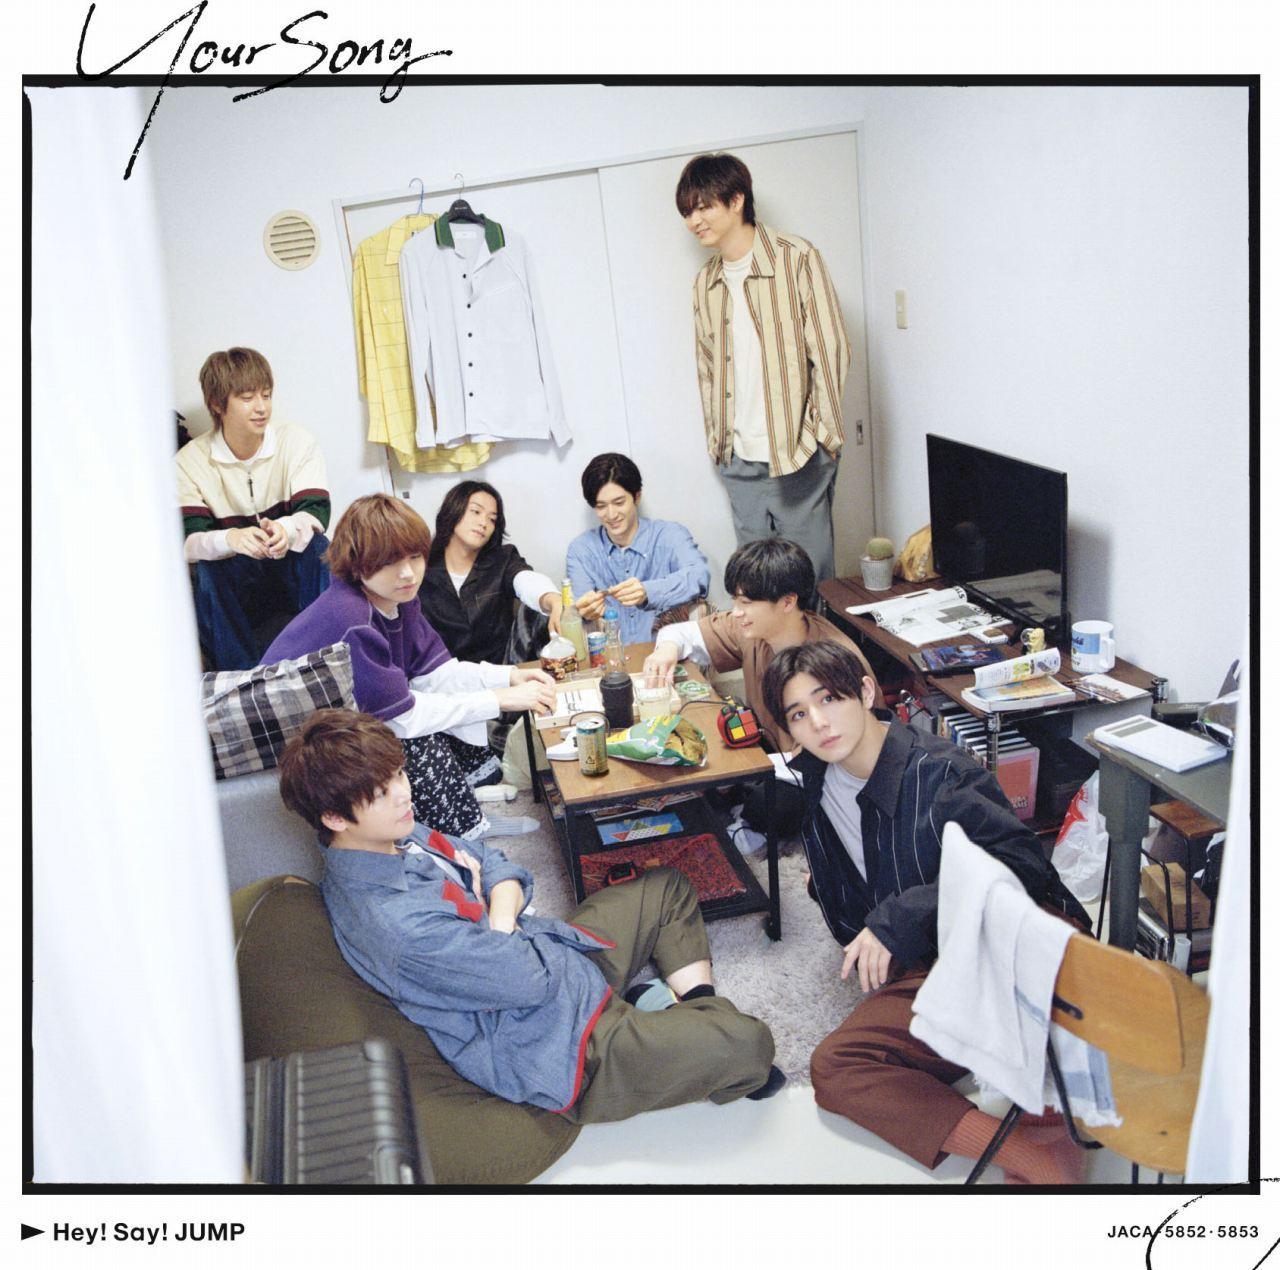 Hey! Say! JUMP (ヘイ セイ ジャンプ) 28thシングル『Your Song (ユアソング)』(初回限定盤①) 高画質CDジャケット画像 (ジャケ写)